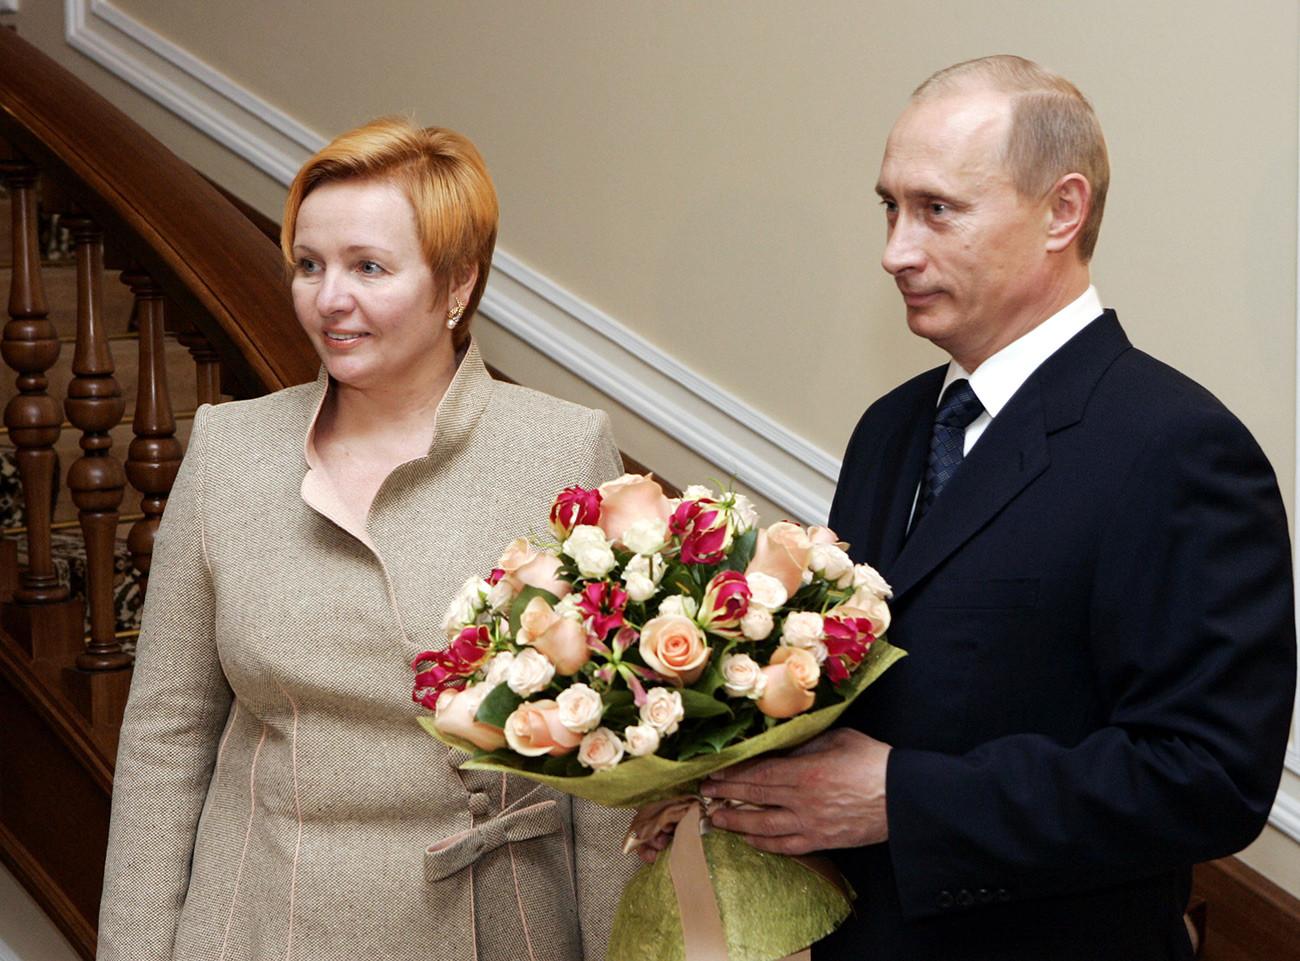 Председник Русије Владимир Путин са супругом Људмилом у резиденцији Ново-Огарево, 2005.